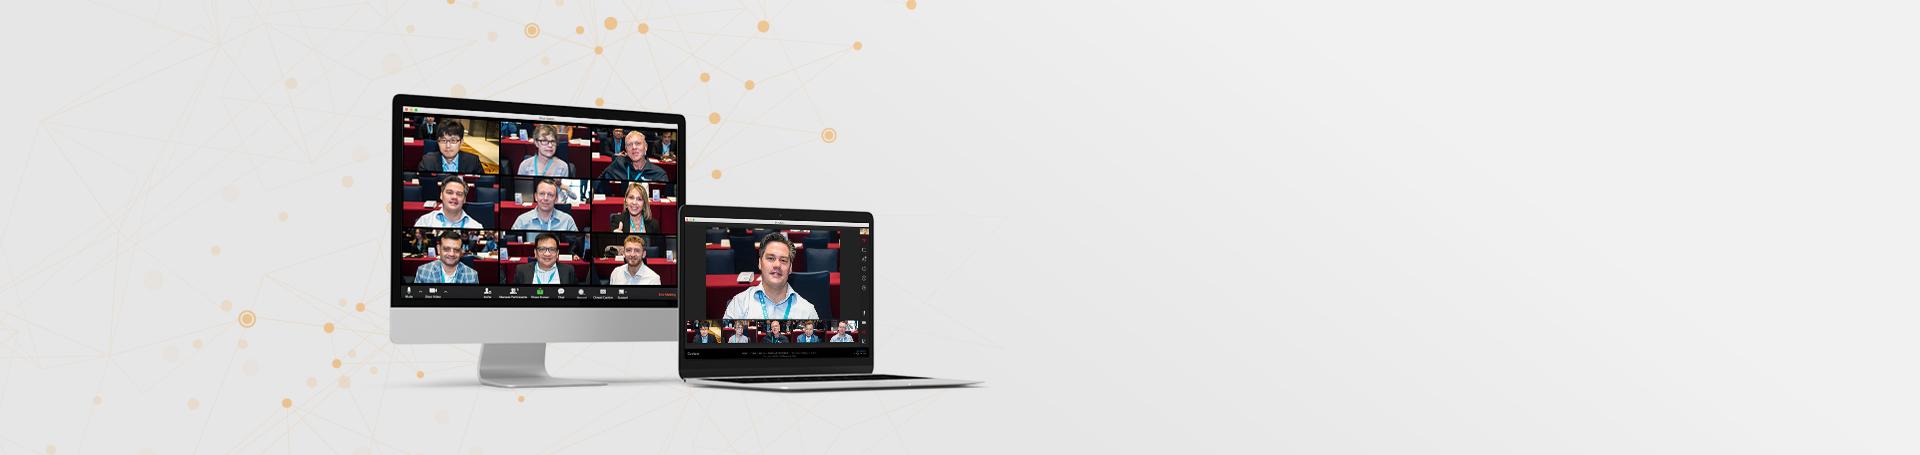 Freightcamp Virtual Meeting